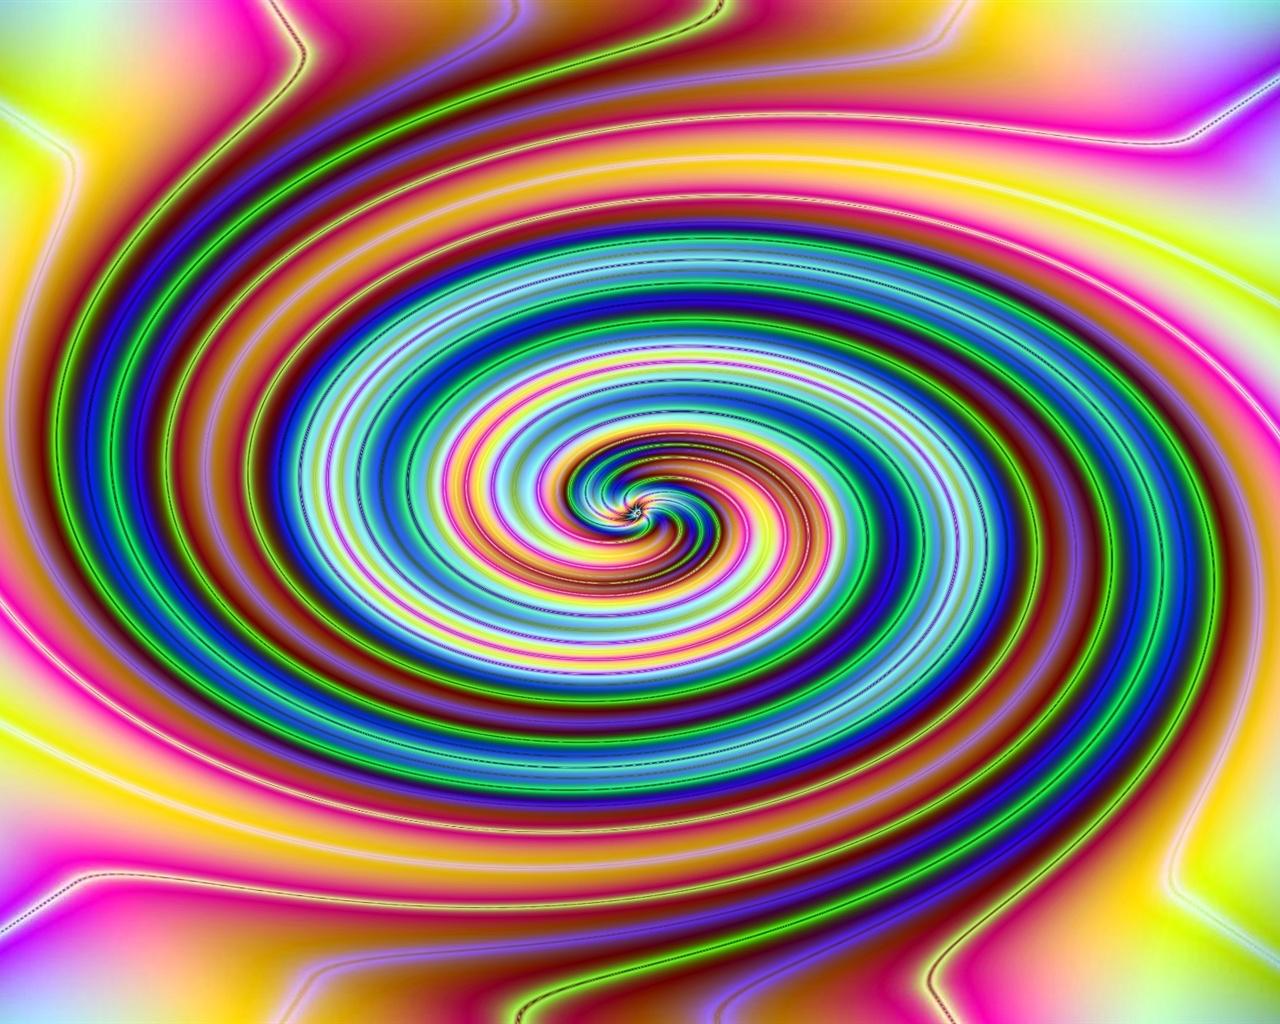 wallpaper vortex virus